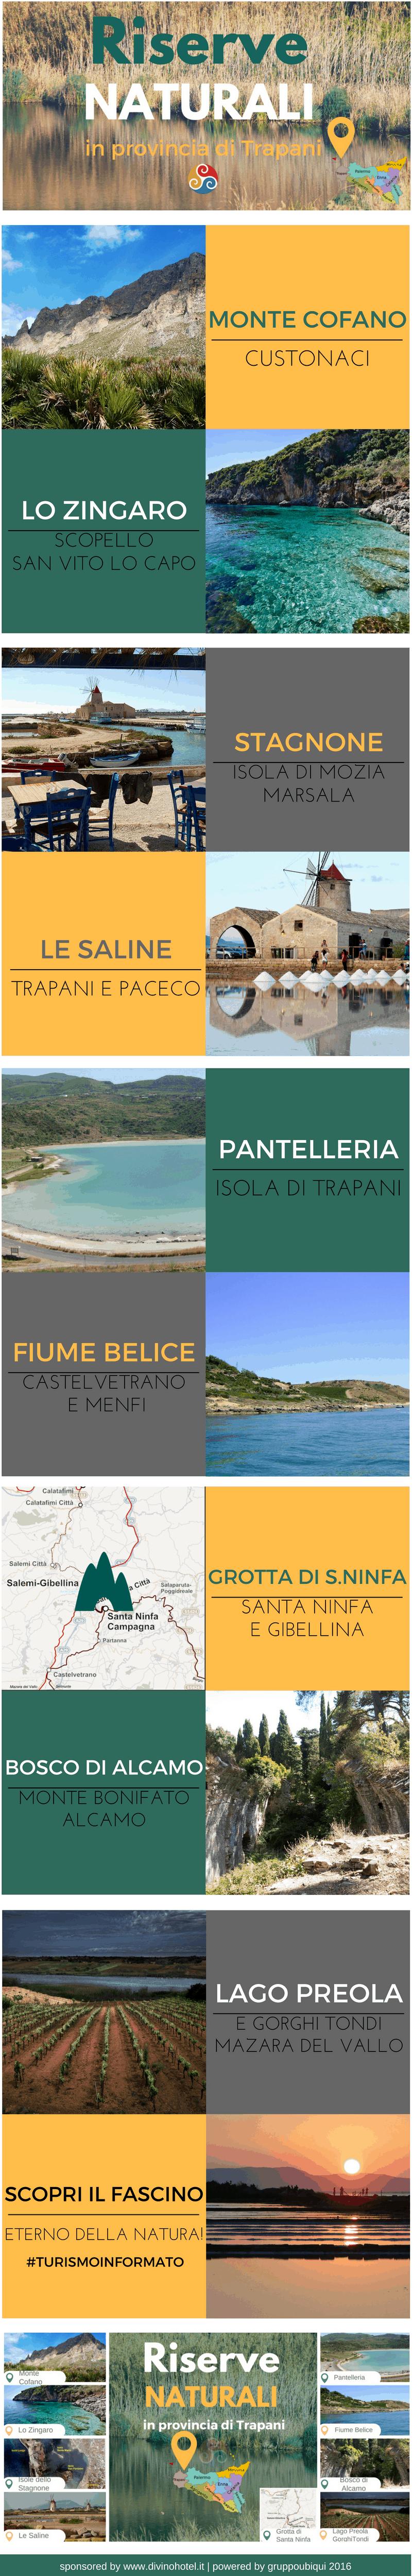 In questa infografica sono inserite le foto e le immagini di tutte le più belle riserve naturali nella Sicilia occidentale.